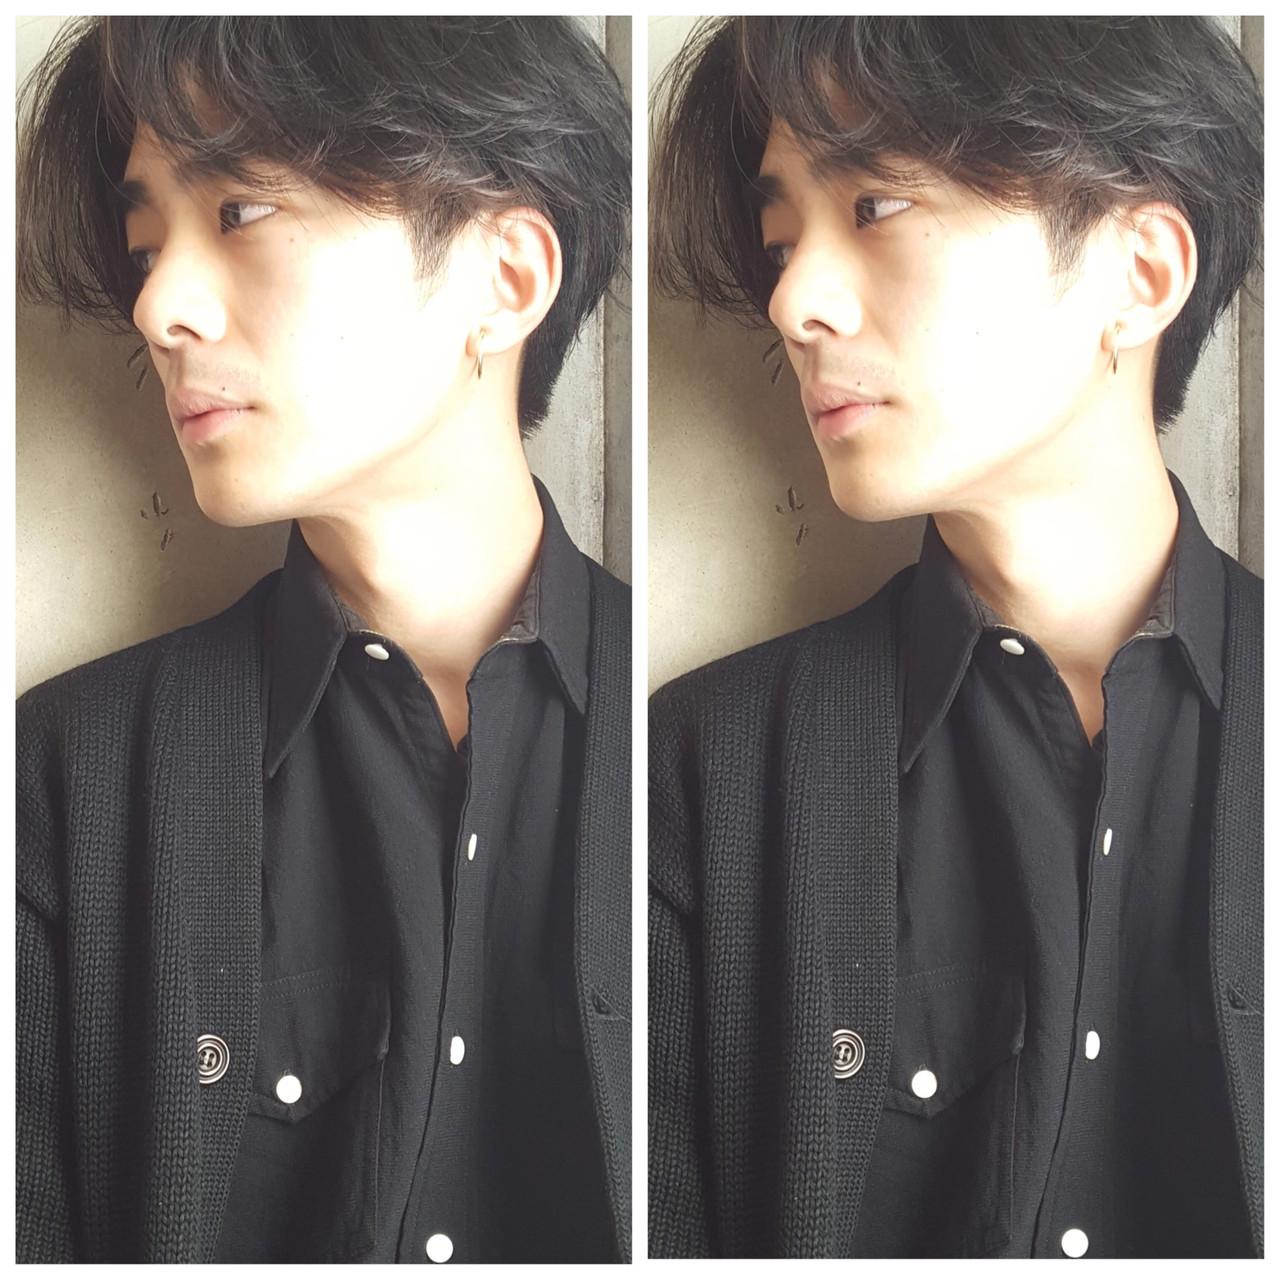 メンズショート ショート ナチュラル メンズヘア ヘアスタイルや髪型の写真・画像 | 鈴木さとる / フリーランス